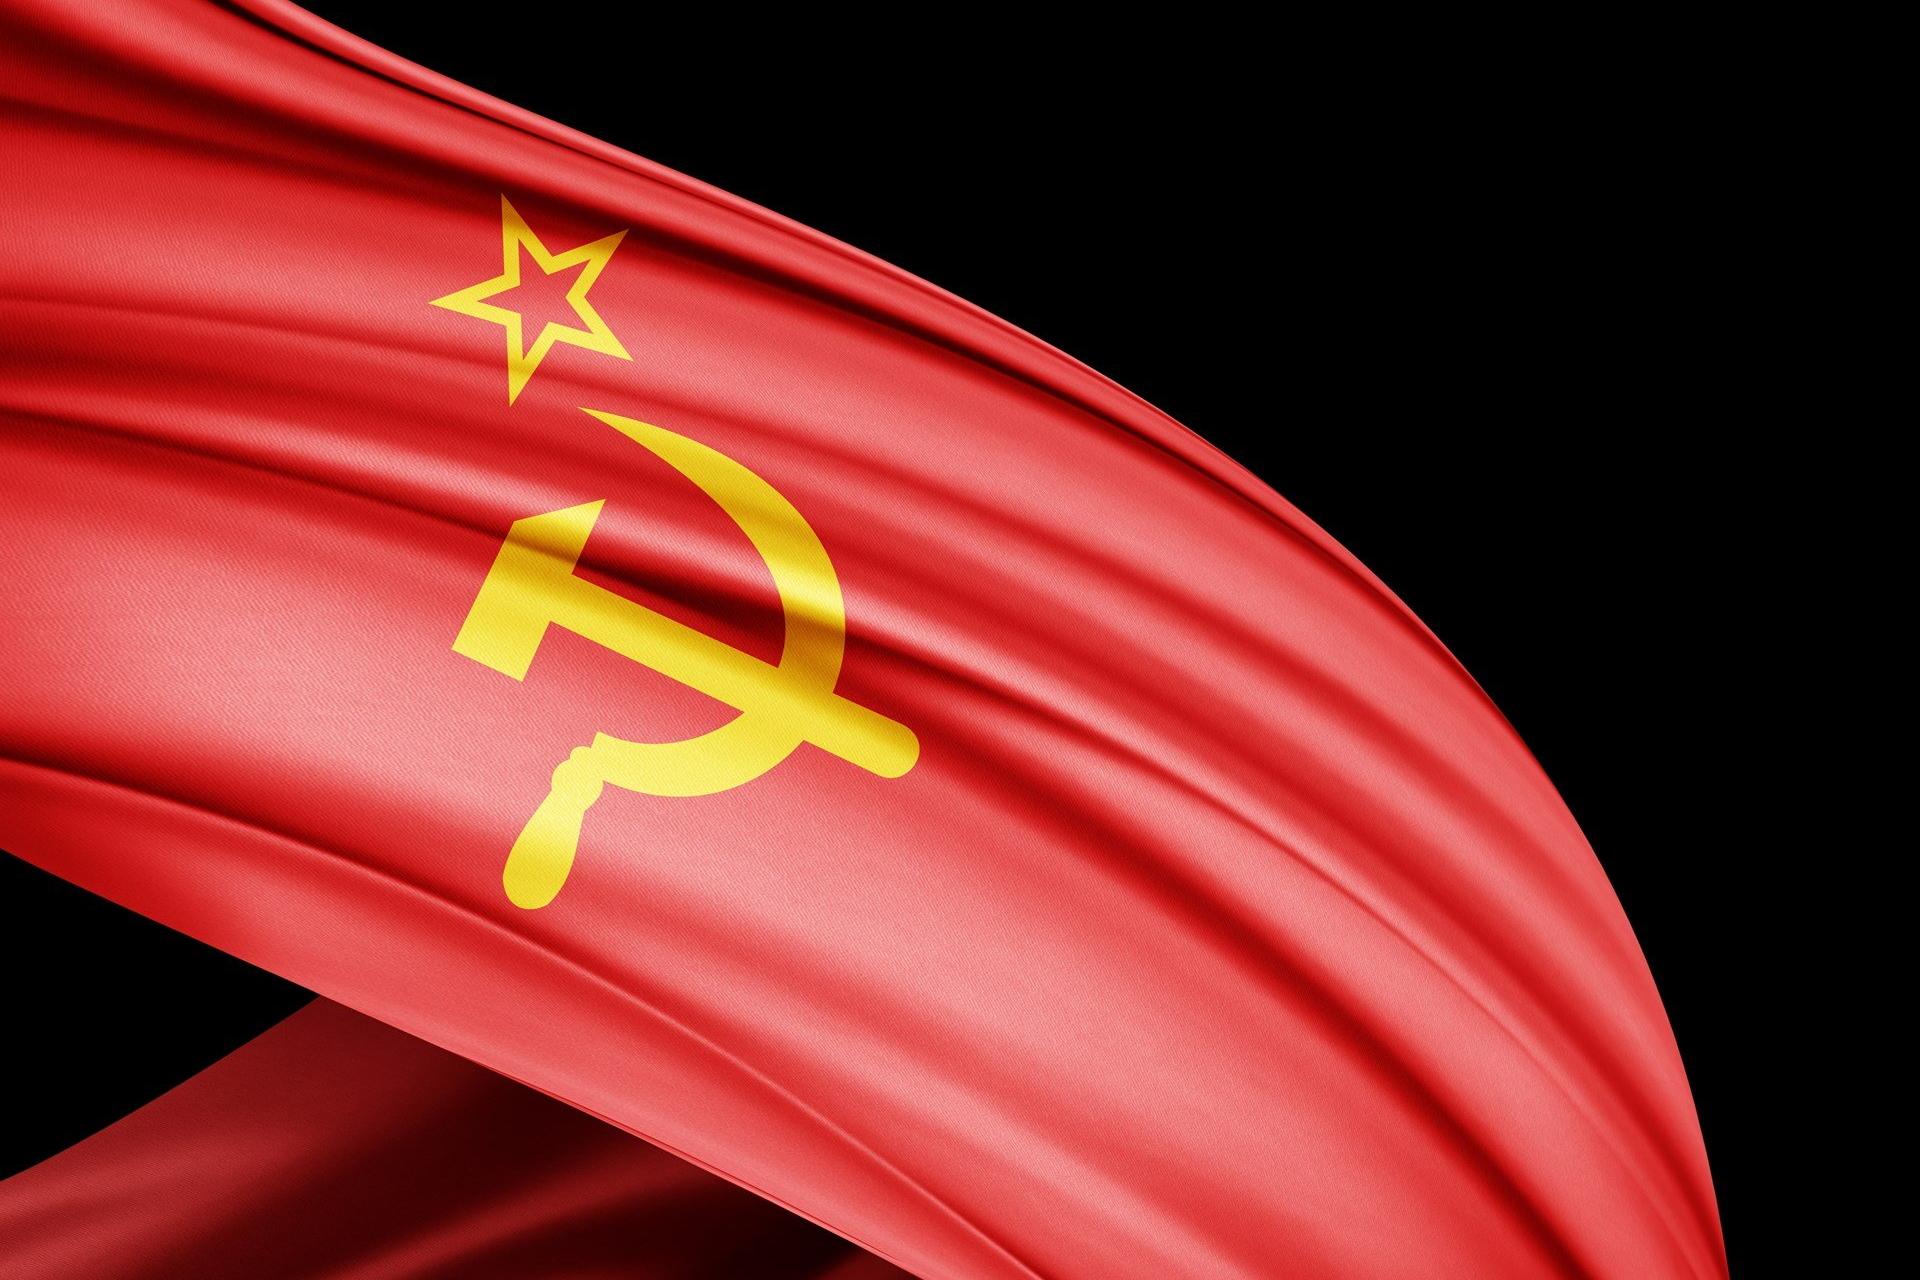 بدترین جنایات انجام شده توسط اتحاد جماهیر شوروی که از آنها بیخبر بودید [قسمت اول]